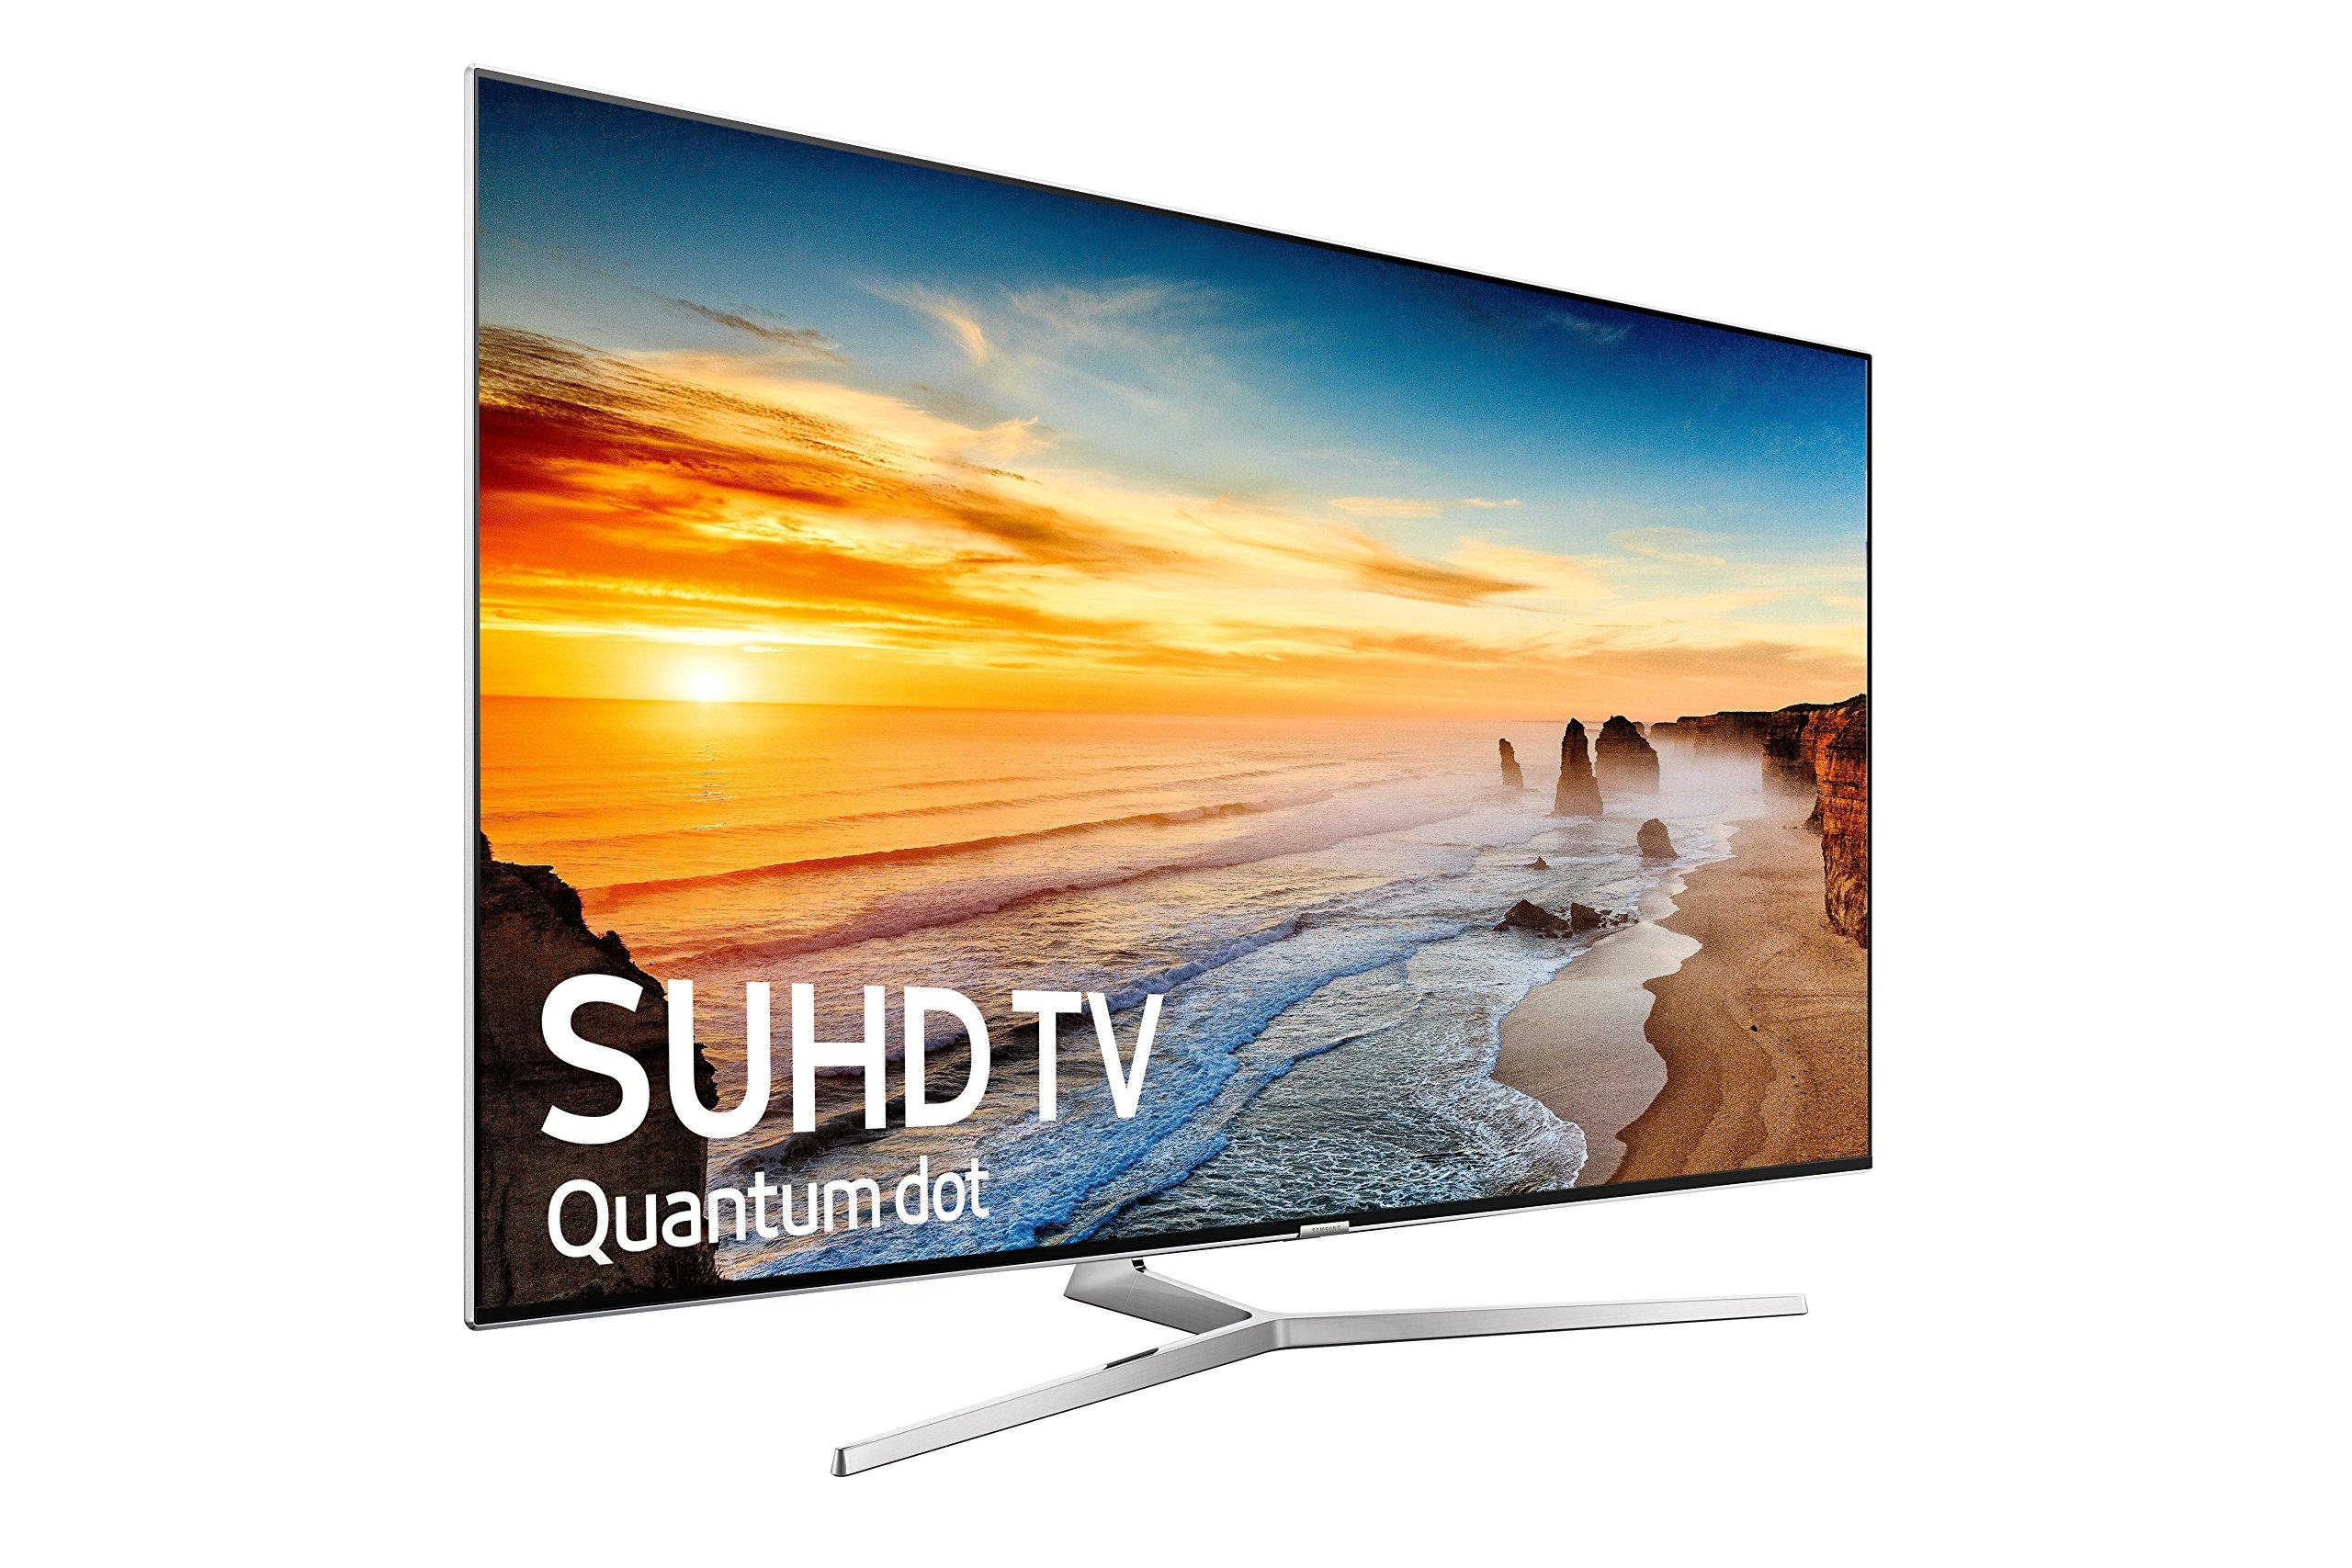 samsung un65ks9000 65 inch 4k ultra hd smart led tv 2016. Black Bedroom Furniture Sets. Home Design Ideas